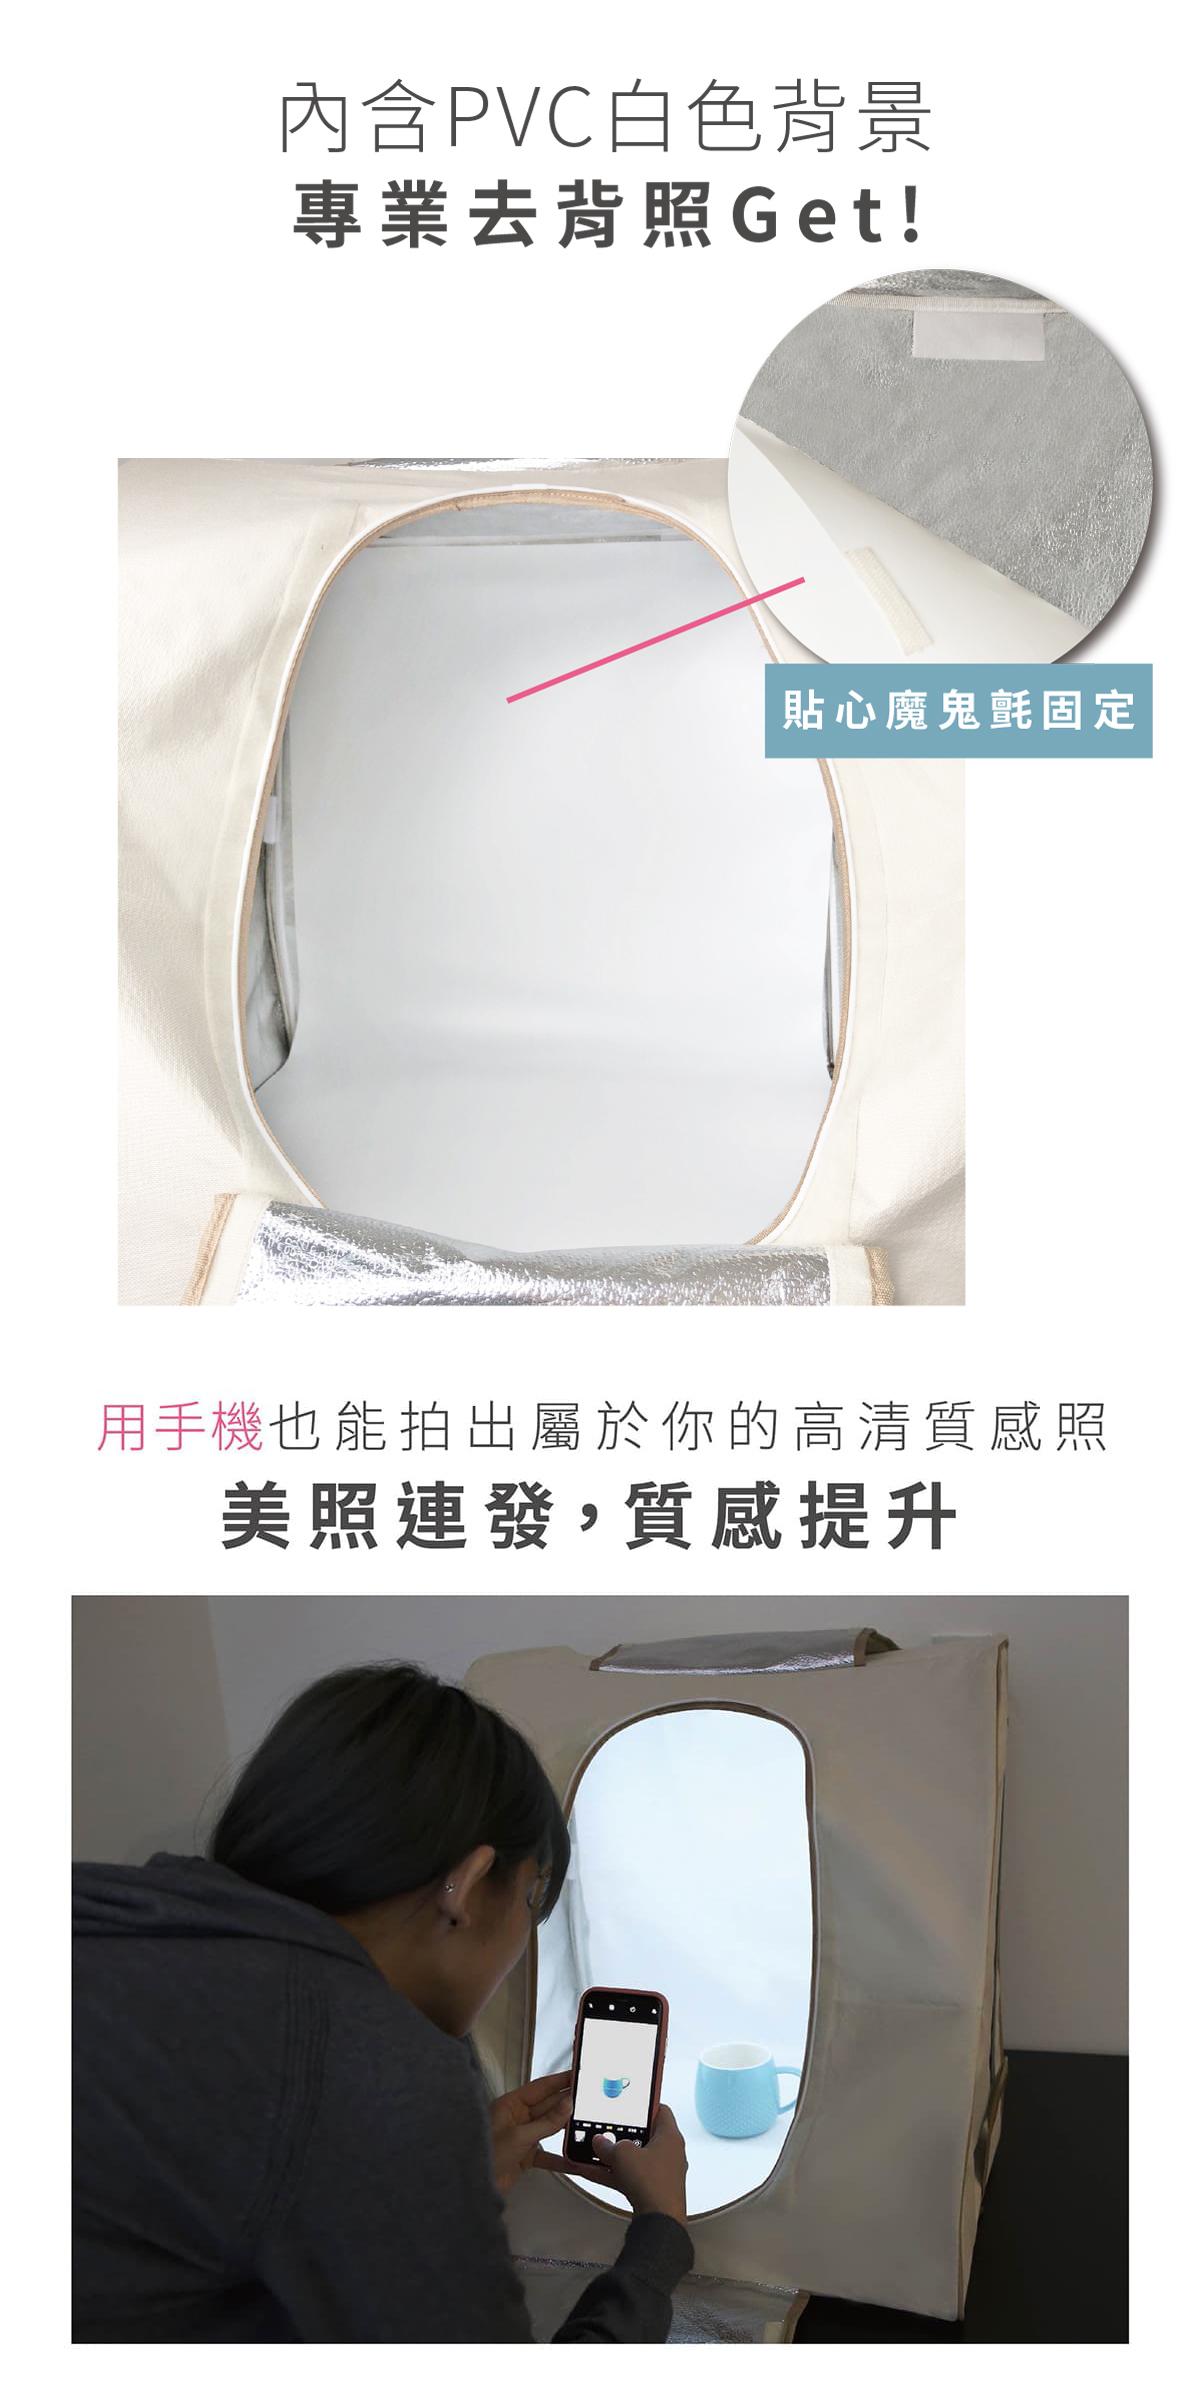 PVC白色背景大片質感去背照Get!,手機專用小型攝影棚推薦,美照連發,質感提升